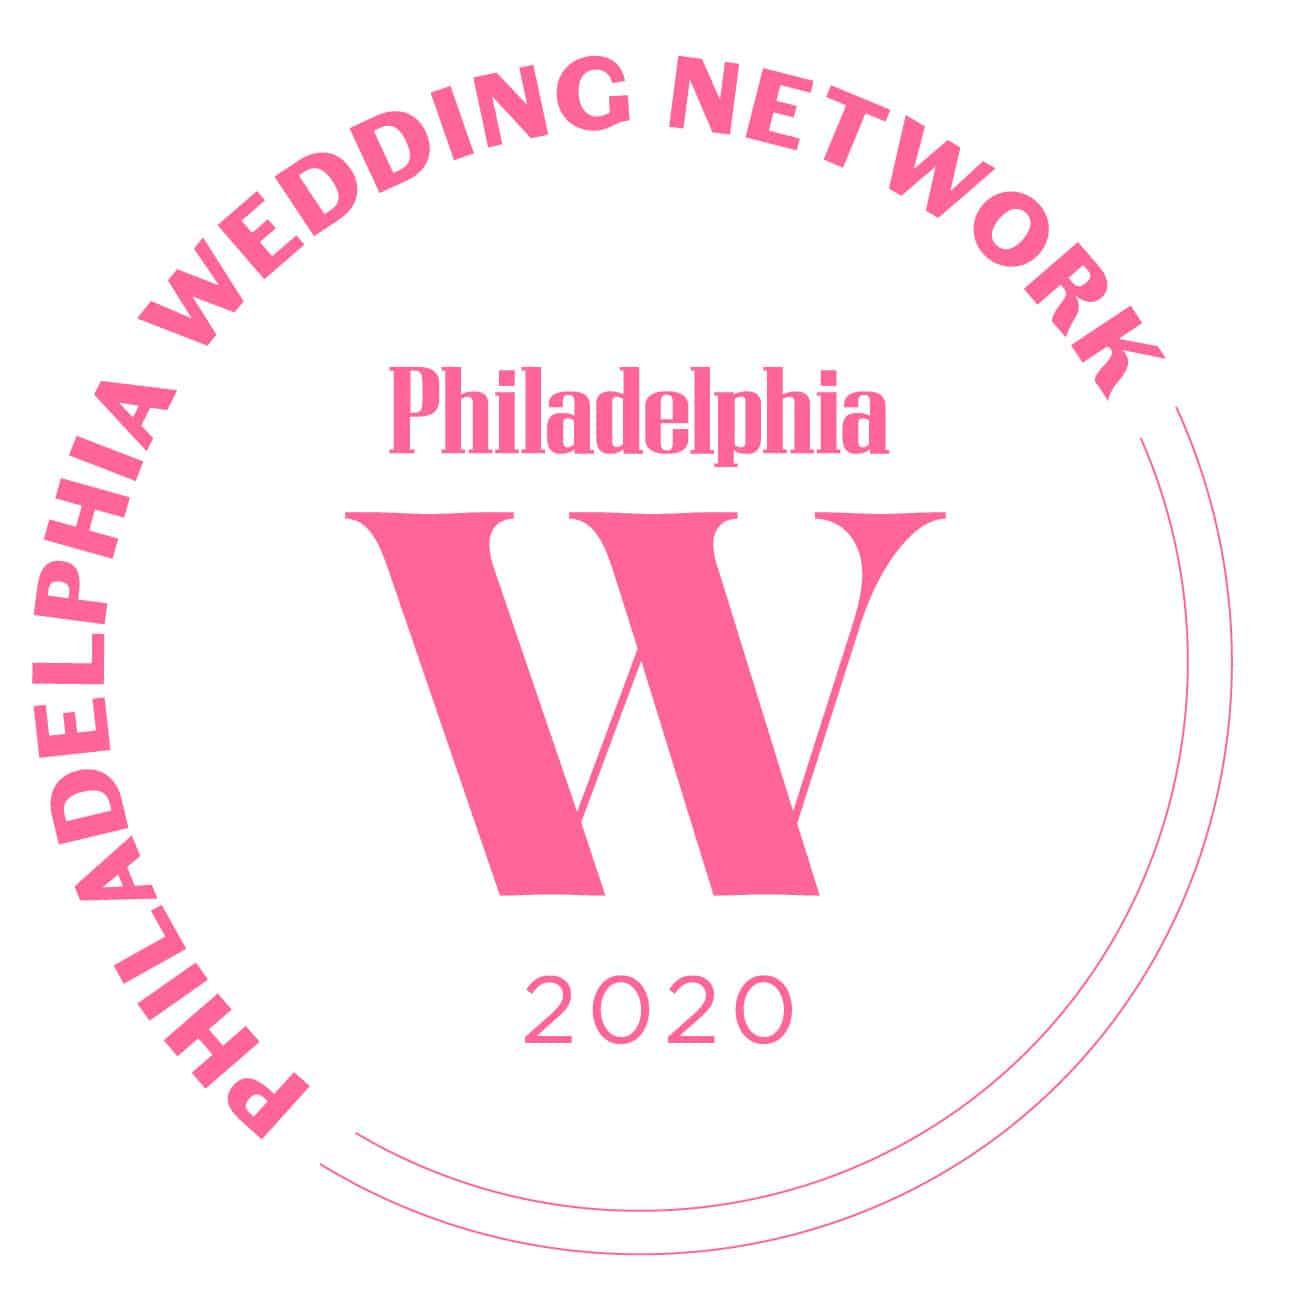 Philadelphia Wedding Network 2020 Award - Icon